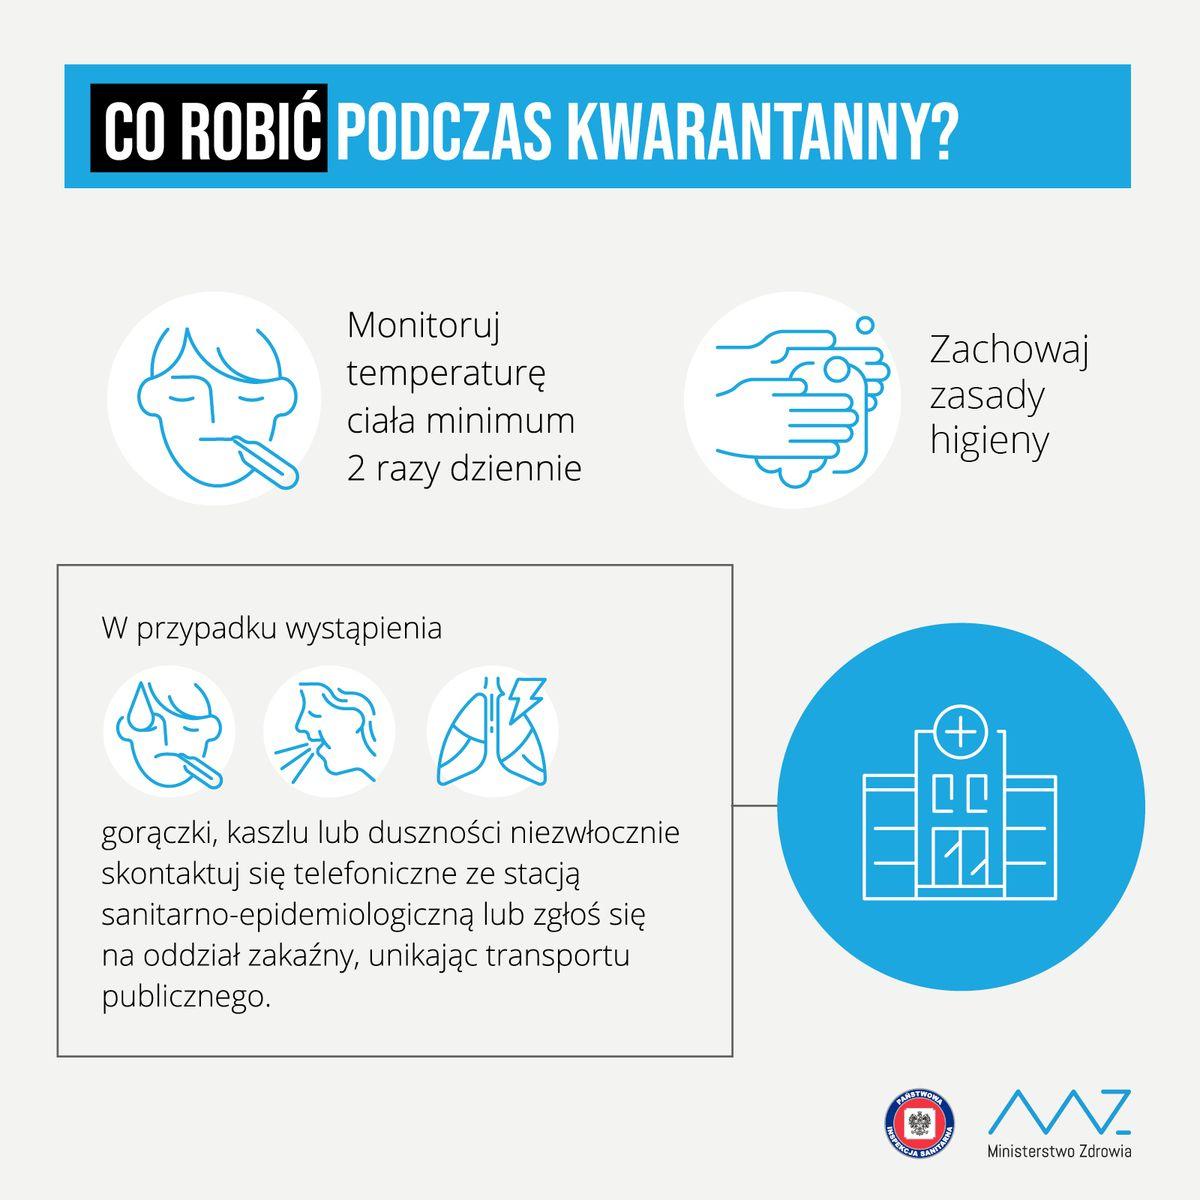 Koronawirus - Co robić podczas kwarantanny?